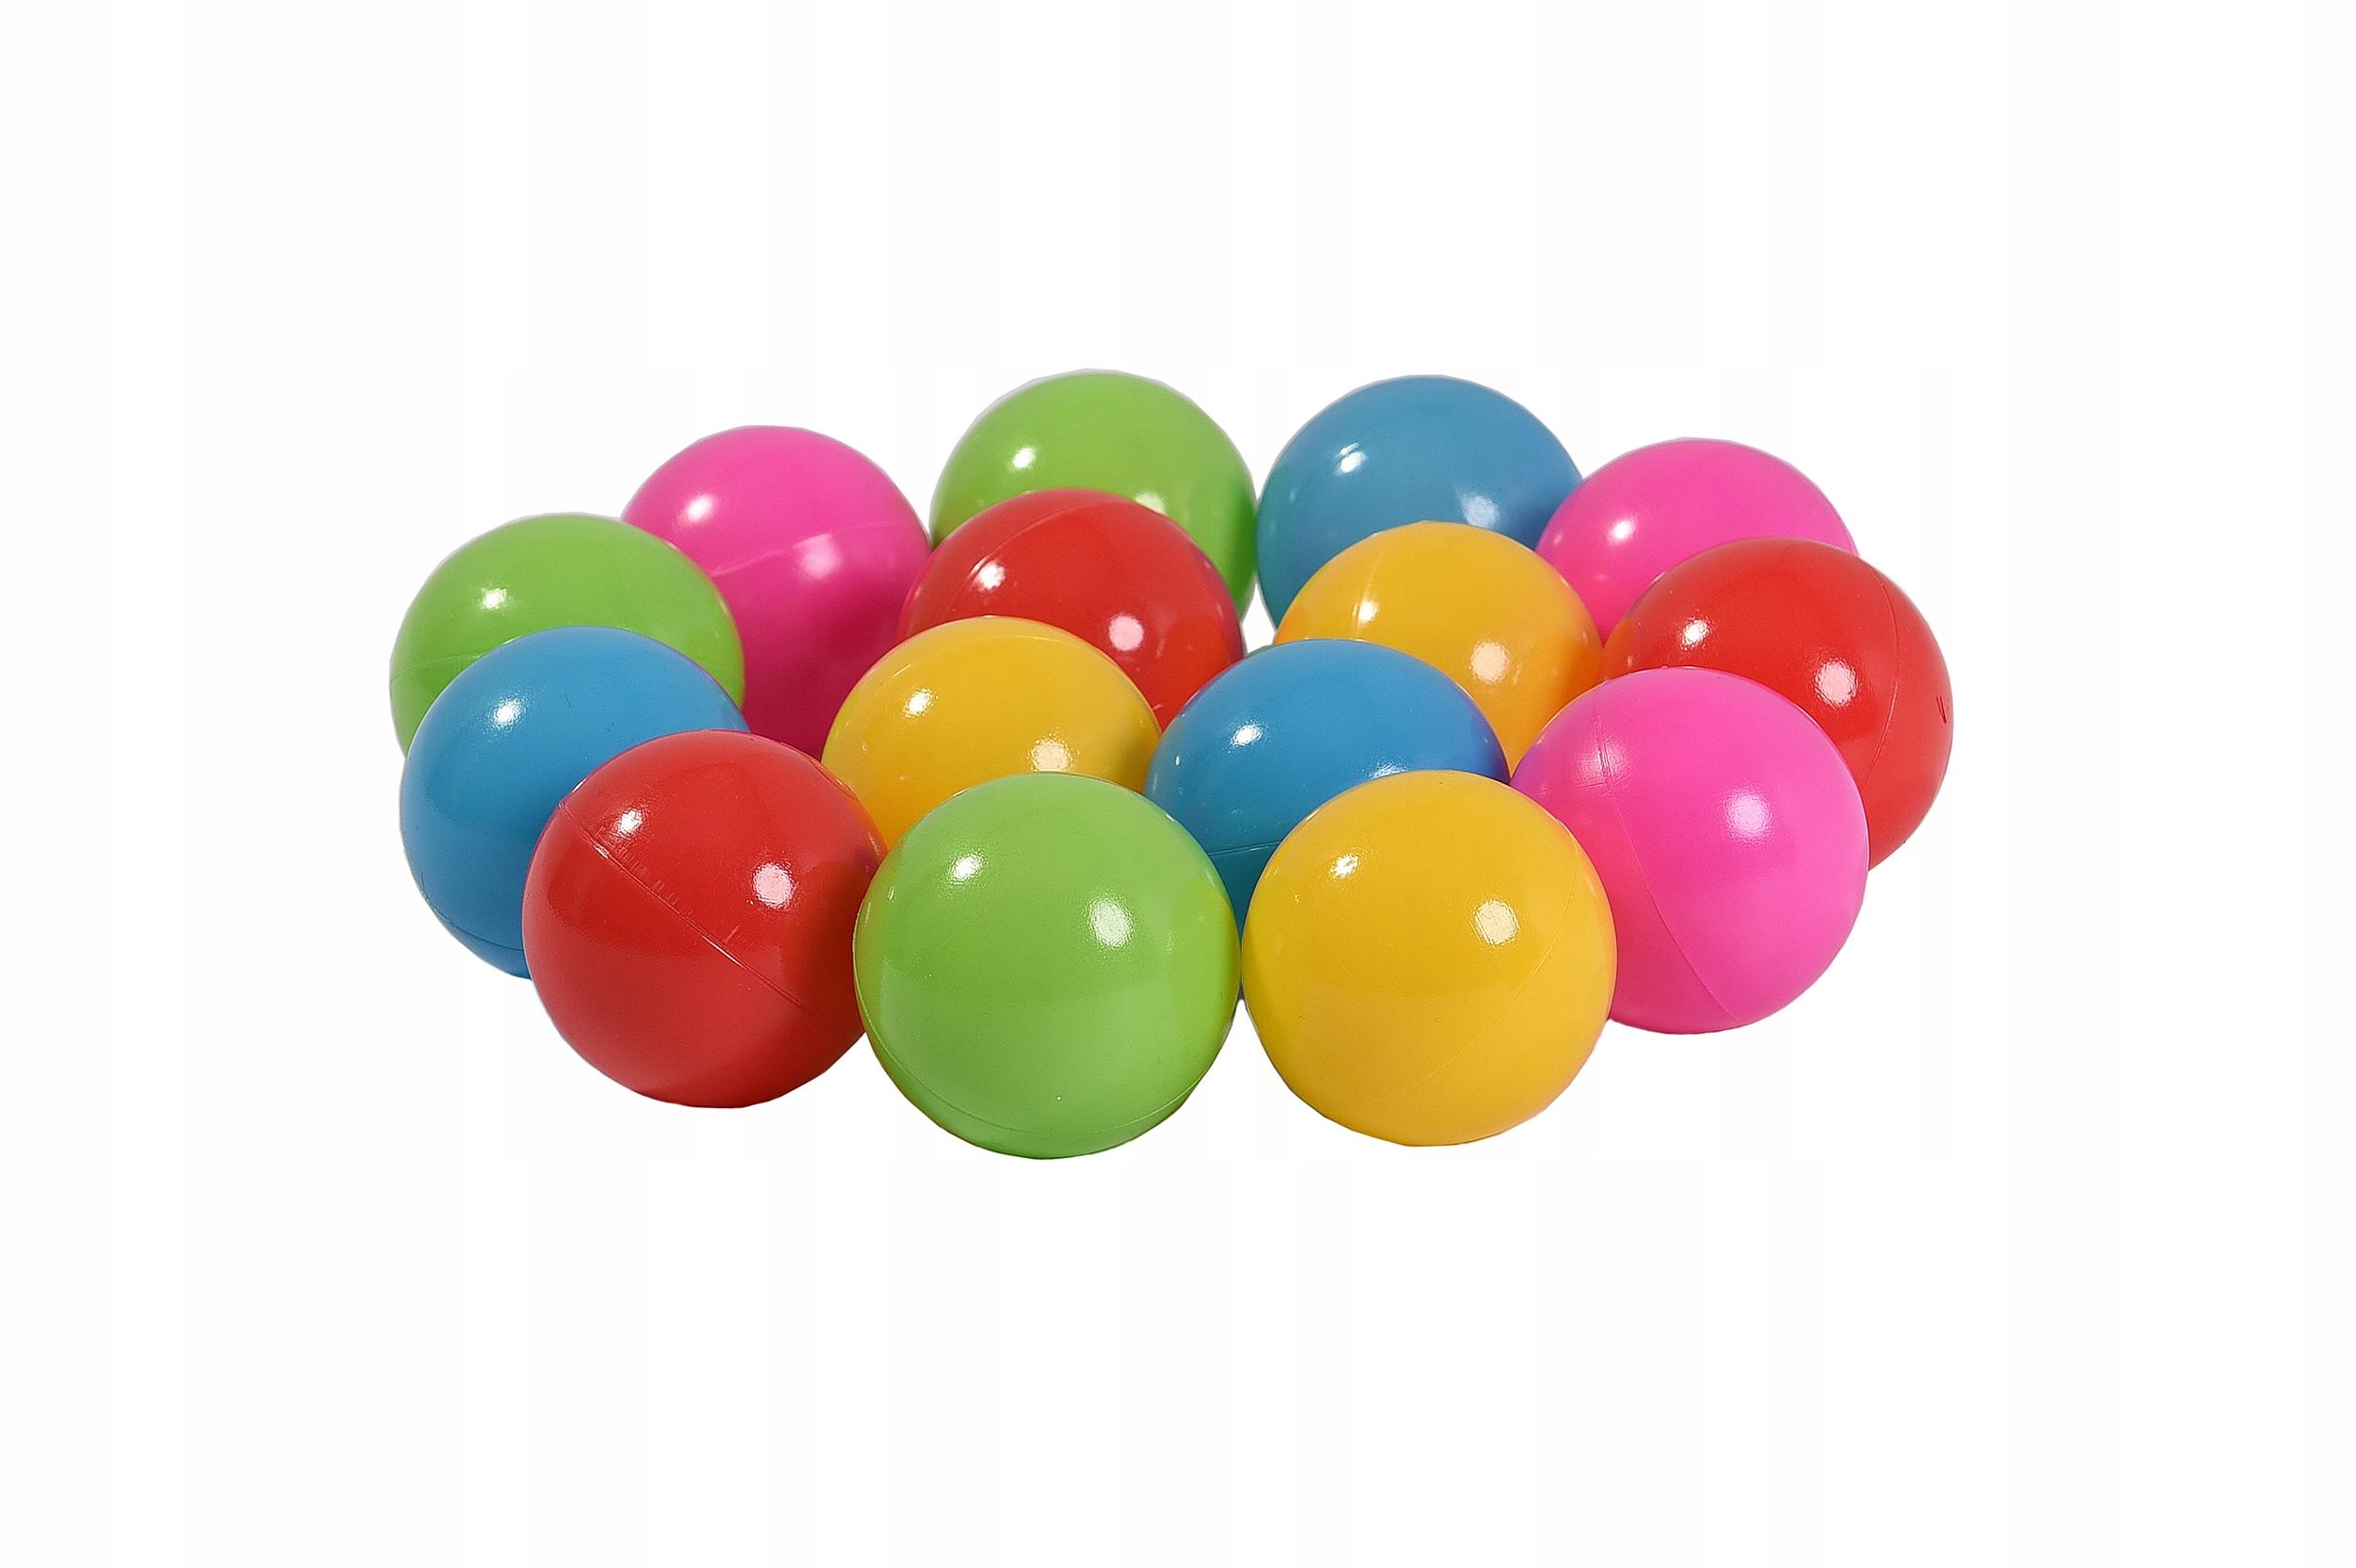 часто шарики и мячики картинки бабушкой-соседкой-подругой, чтобы завтра